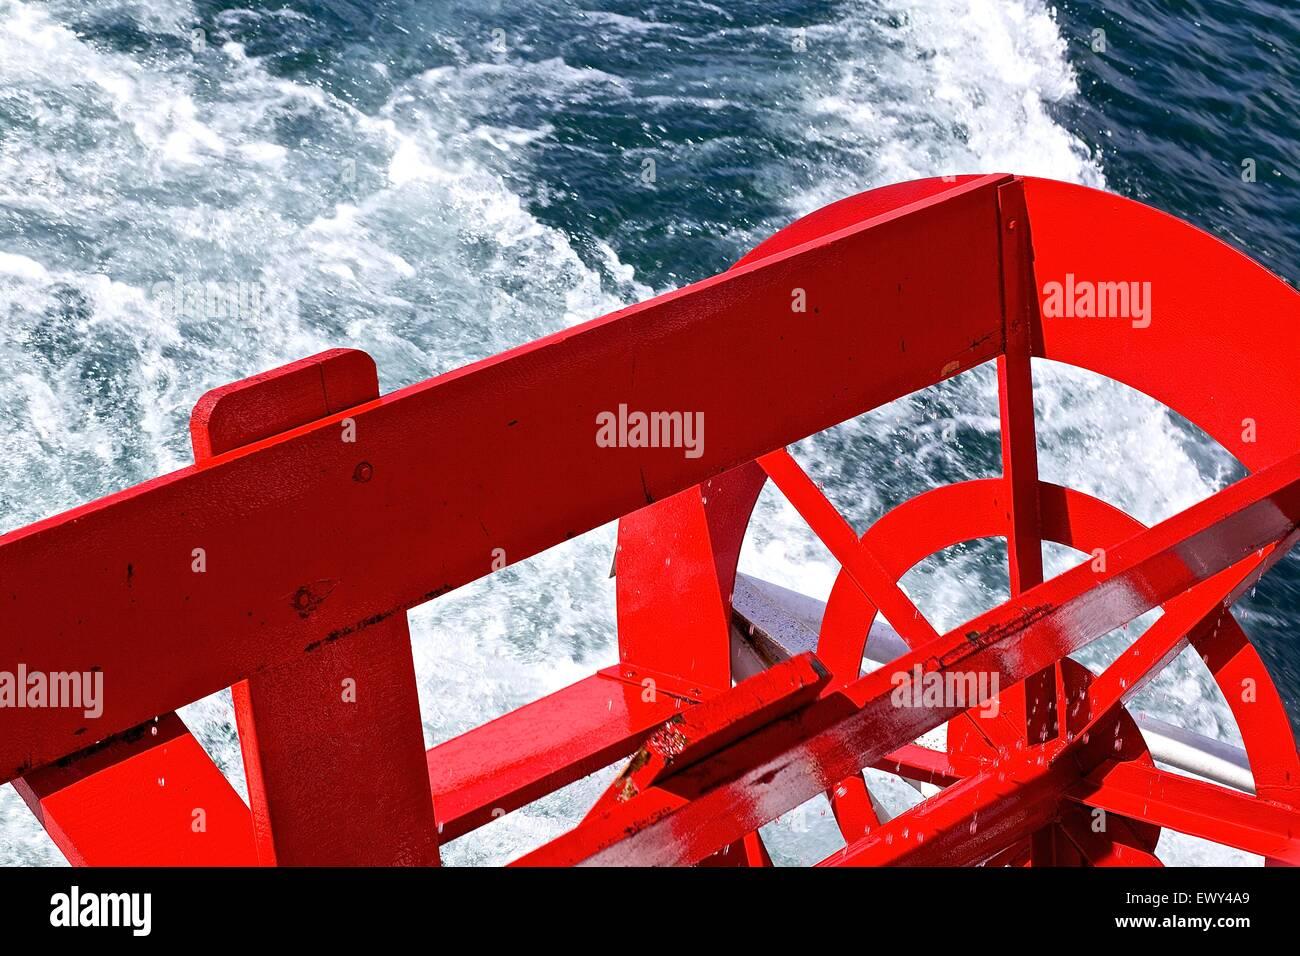 Boat paddle wheel. - Stock Image